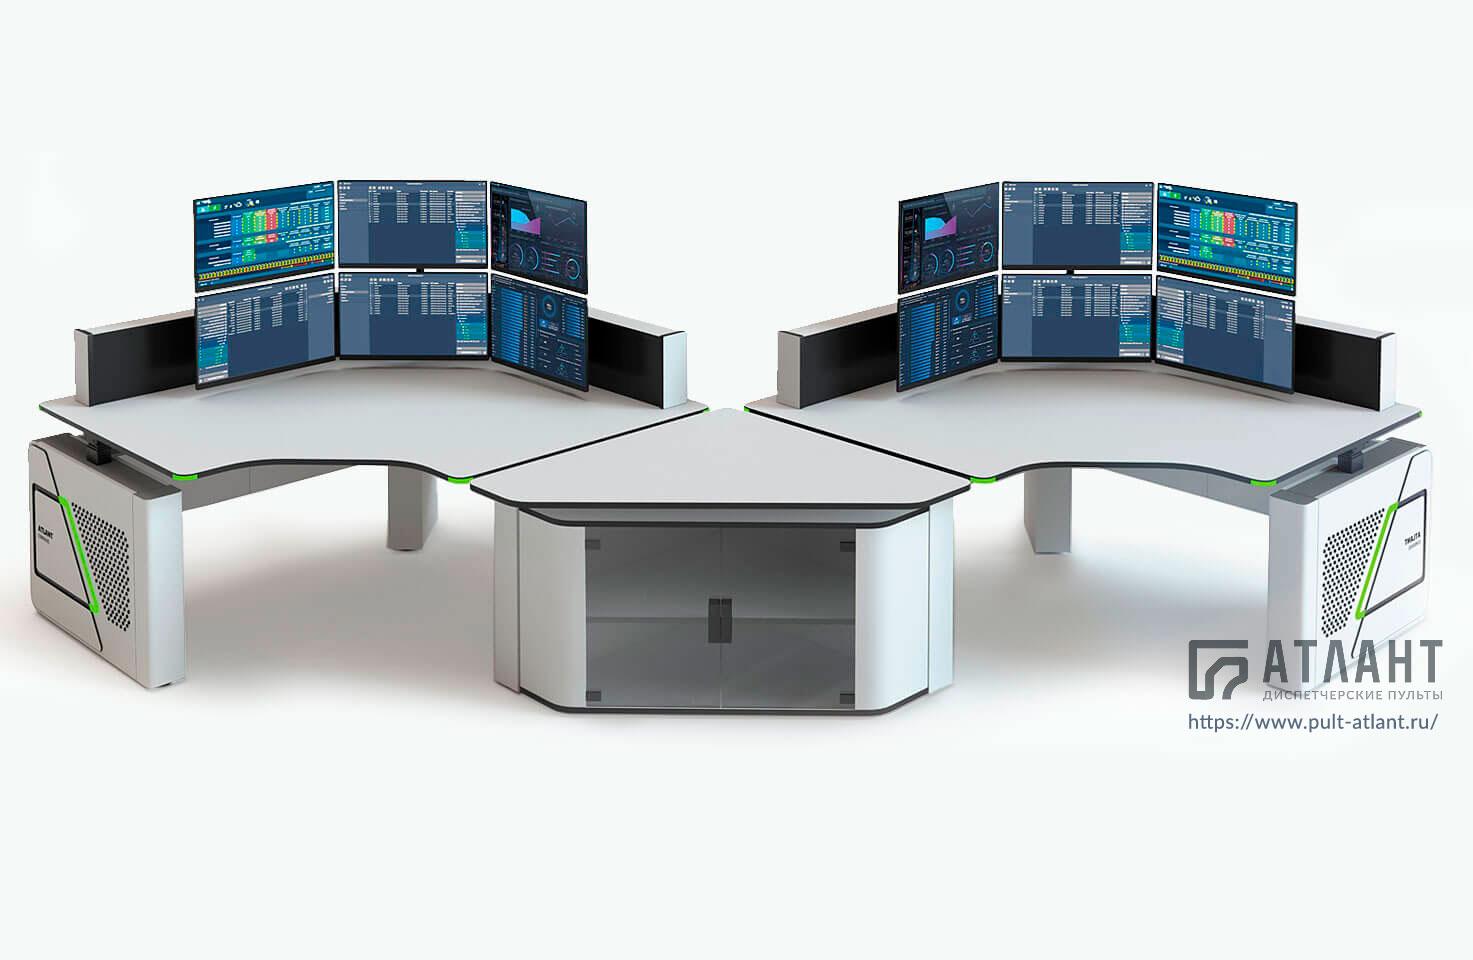 Пульт оператора Атлант ФОРТ на небольших подъемных колоннах с технической тумбой